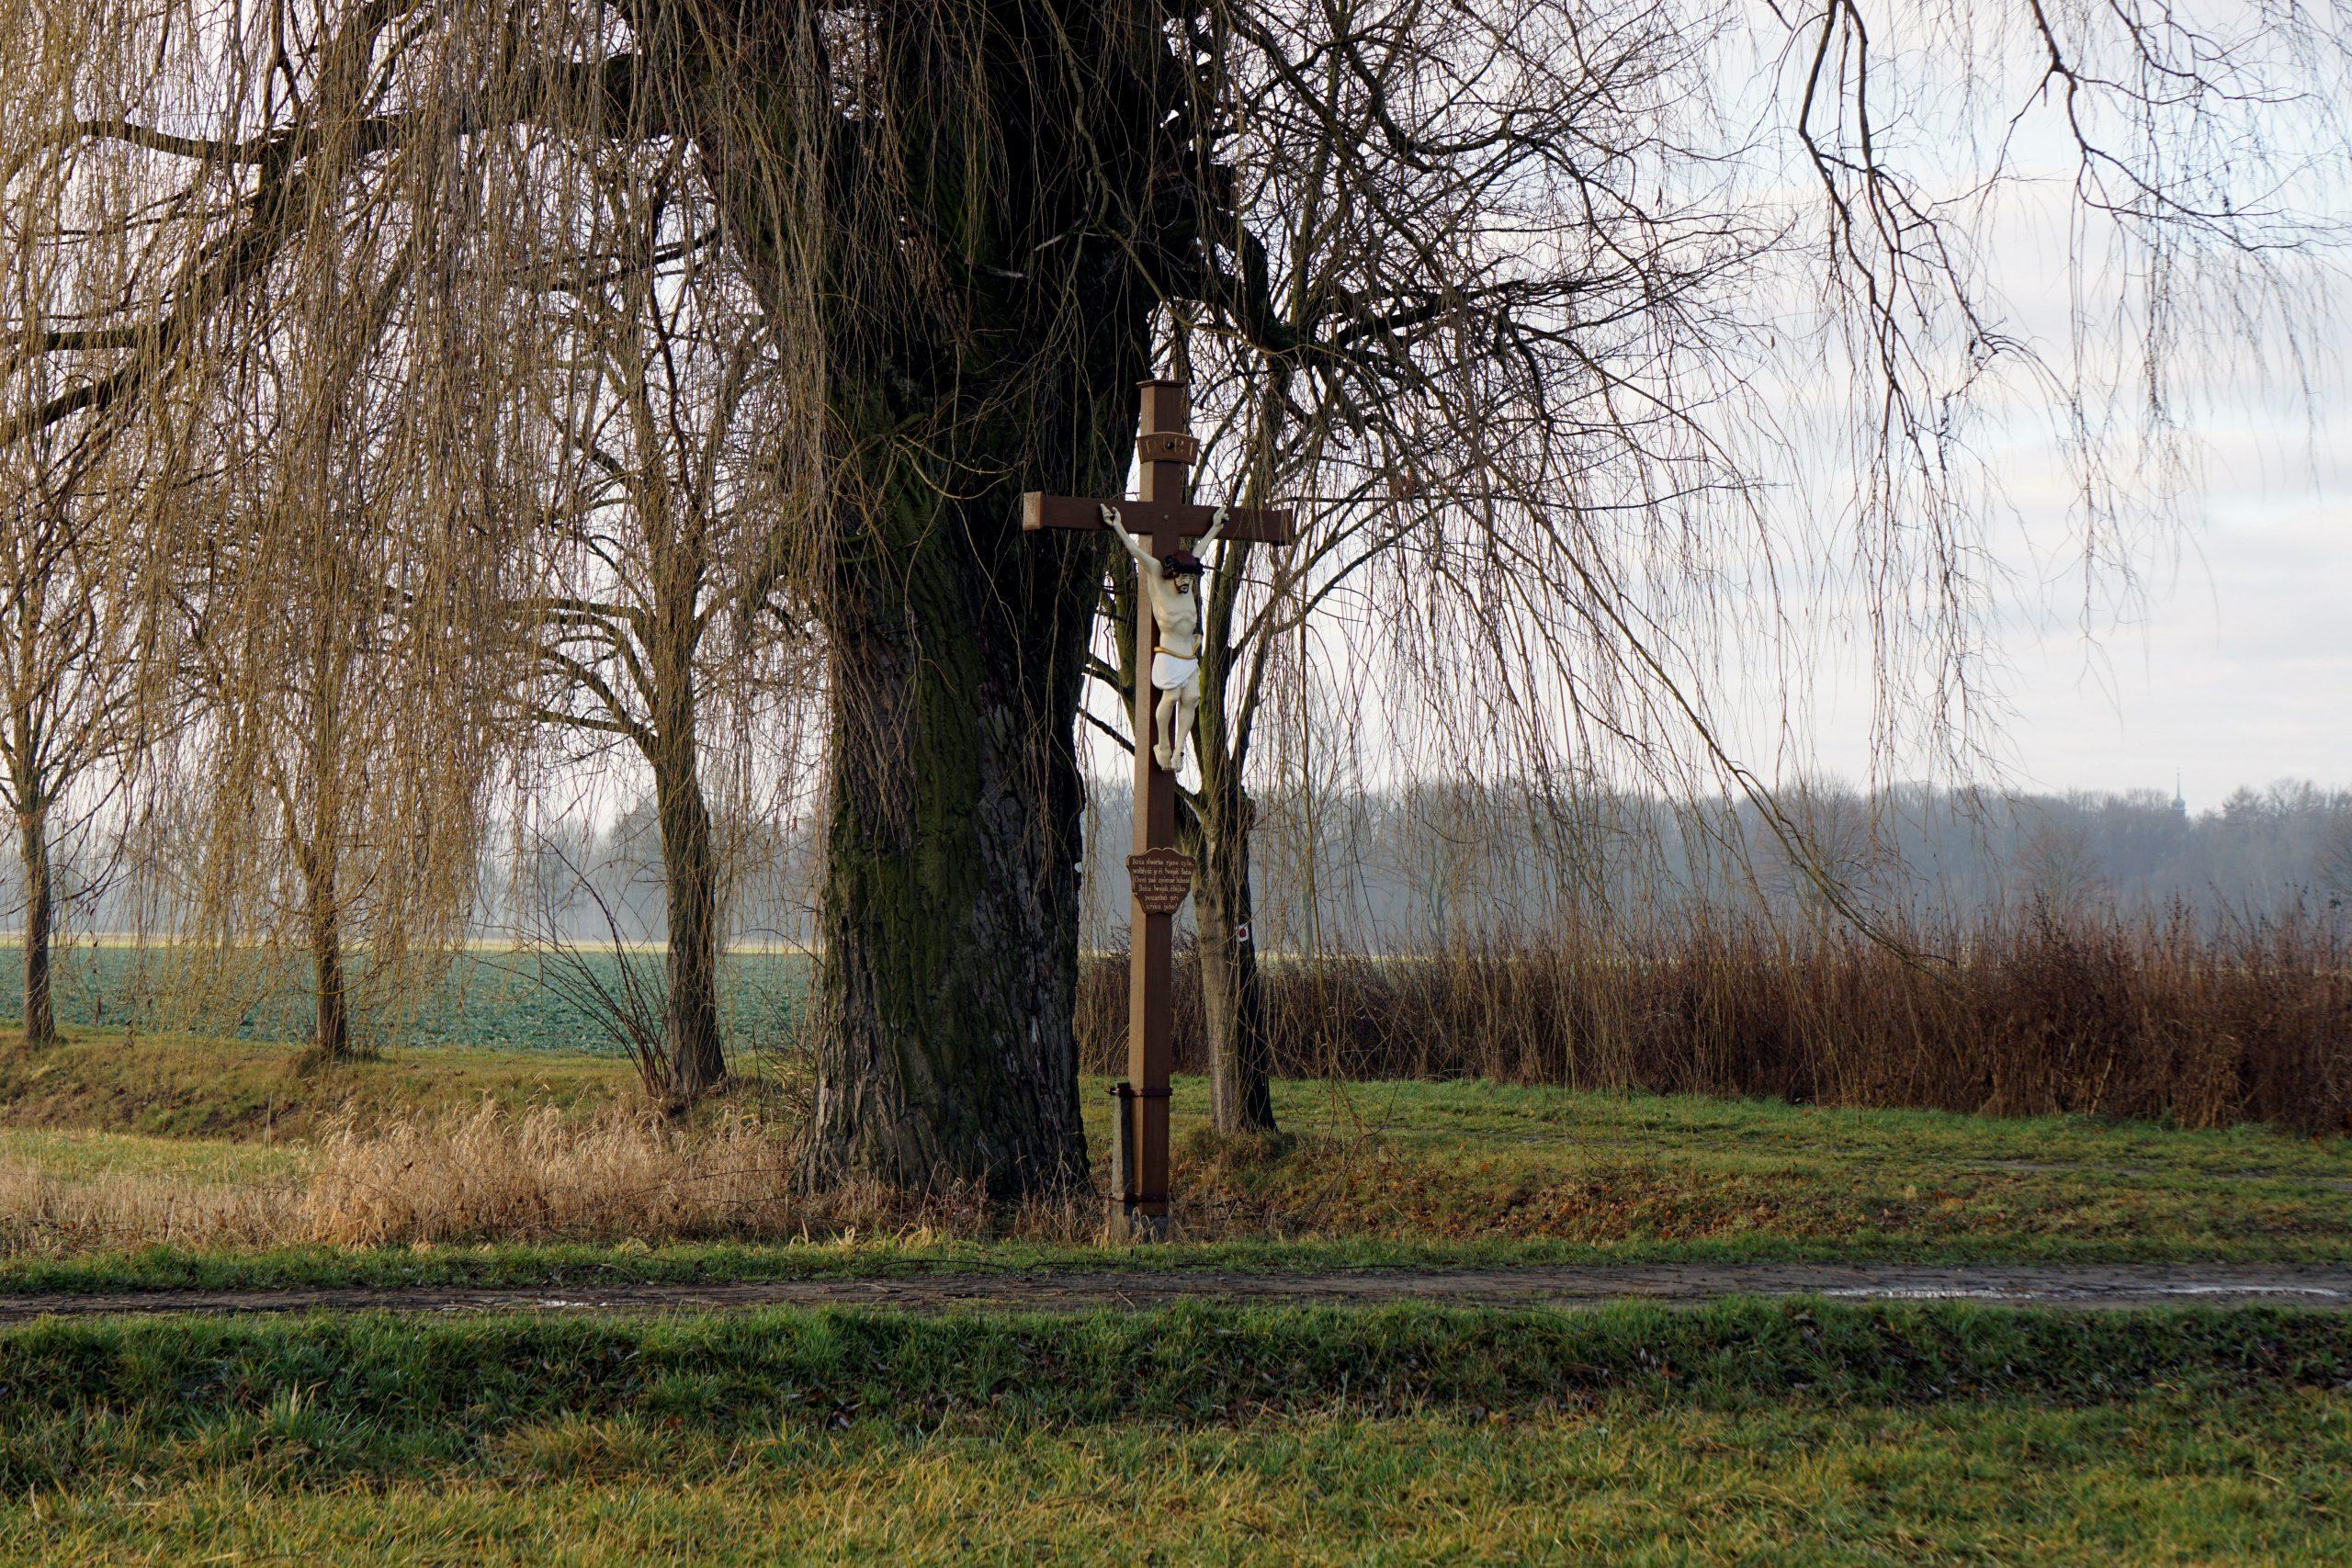 Christenkreuz aus Holz im Freien neben einem Baum auf einem Landweg zwischen Feldern.